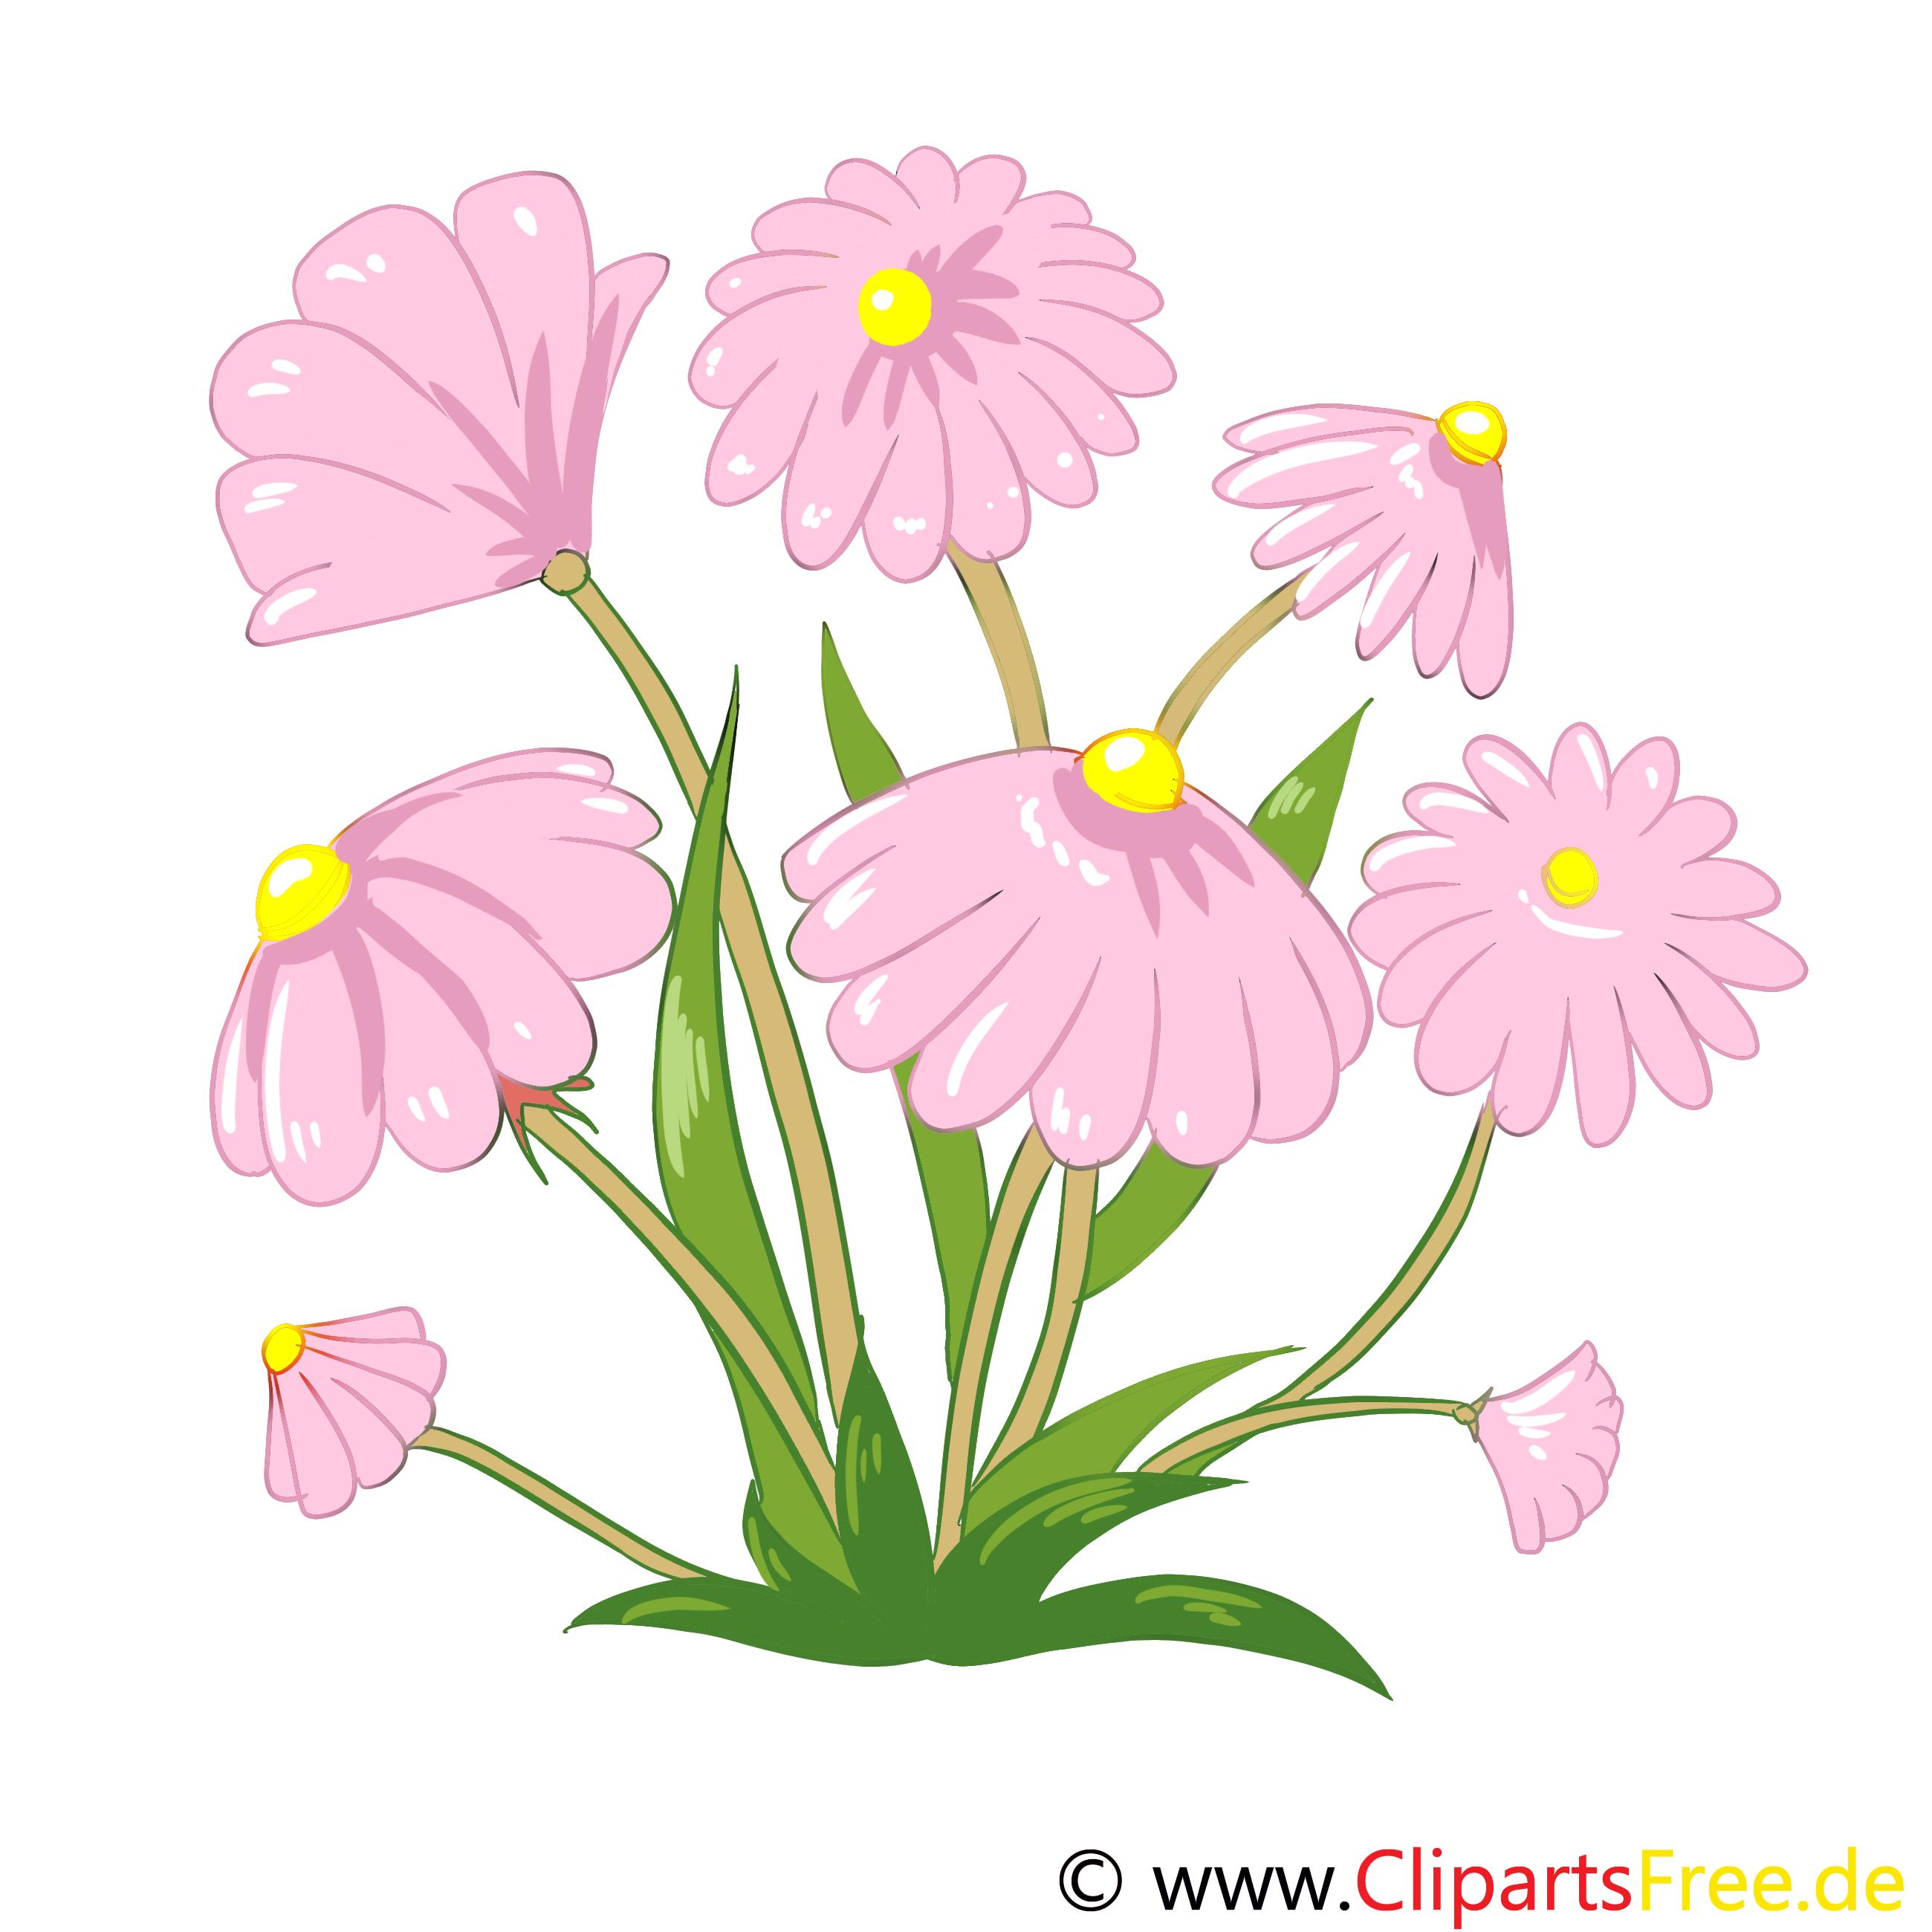 champ de fleurs images gratuites fleurs clipart fleurs dessin picture image graphic clip. Black Bedroom Furniture Sets. Home Design Ideas